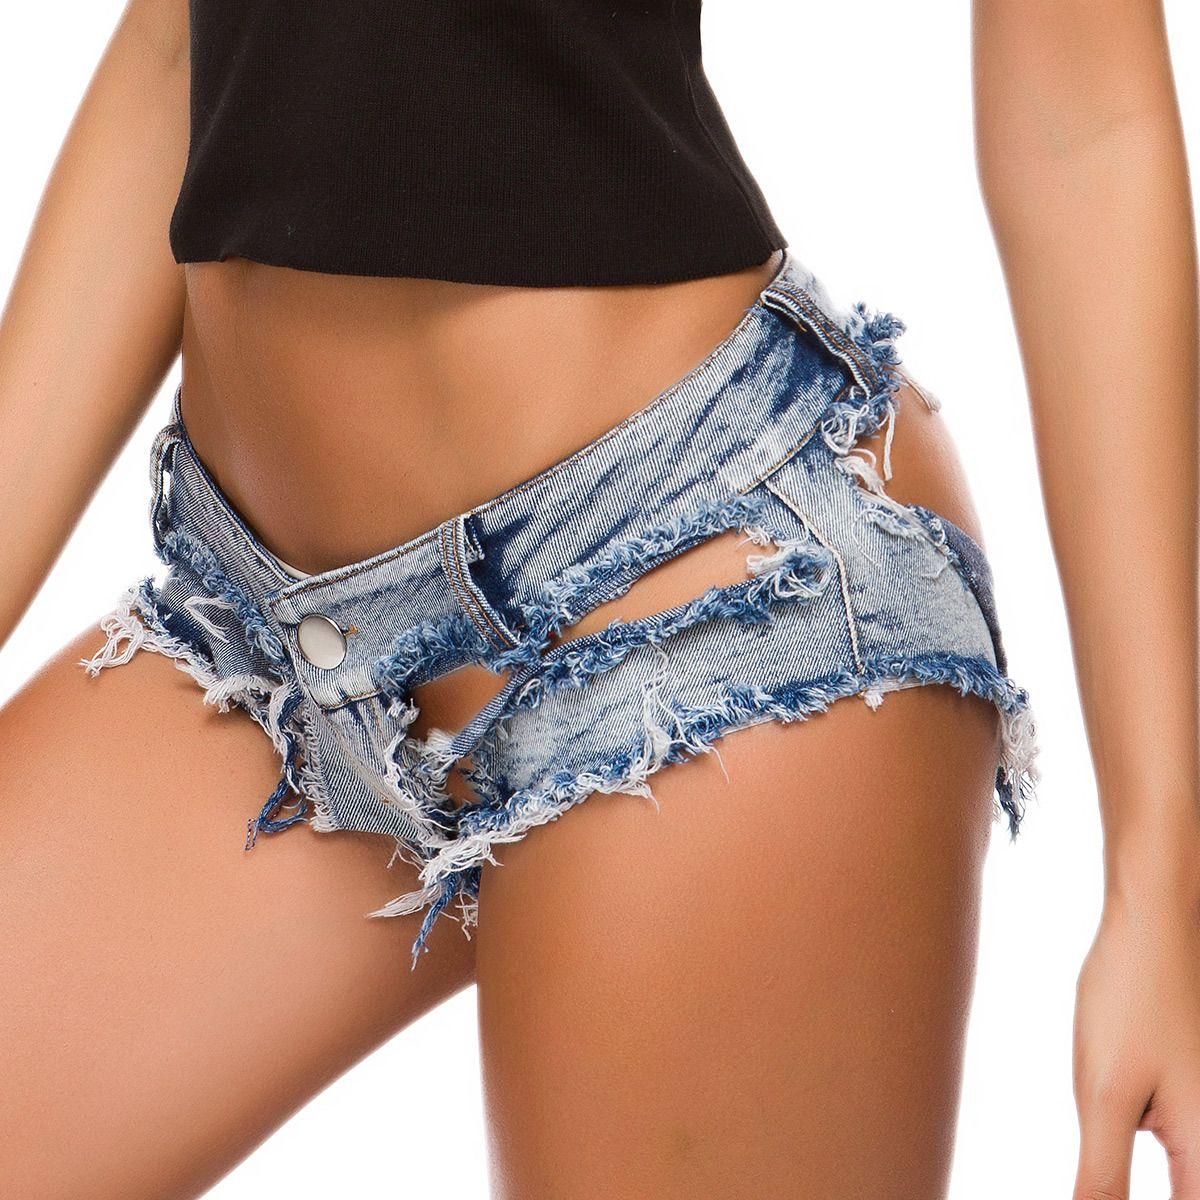 New Outono Mulheres Desenhador Denim Jeans Low Cintura Sexy Hole Night Club Calças Quentes Meninas Moda Slim Skinny Jeans Tamanho S-XL